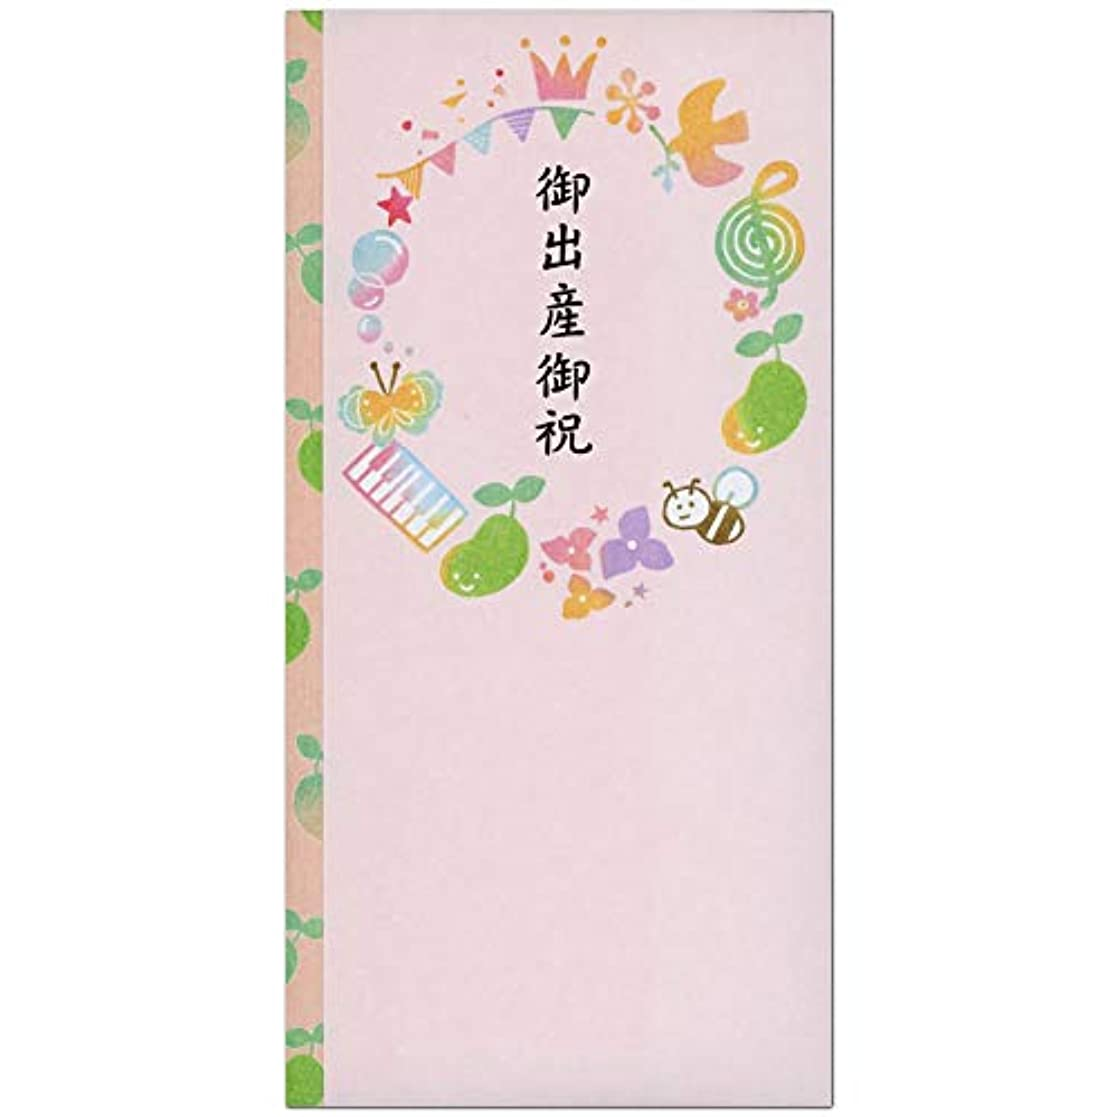 特殊パパ宝石フロンティア 祝儀袋 出産祝 はんこ新芽 SG−183 ピンク